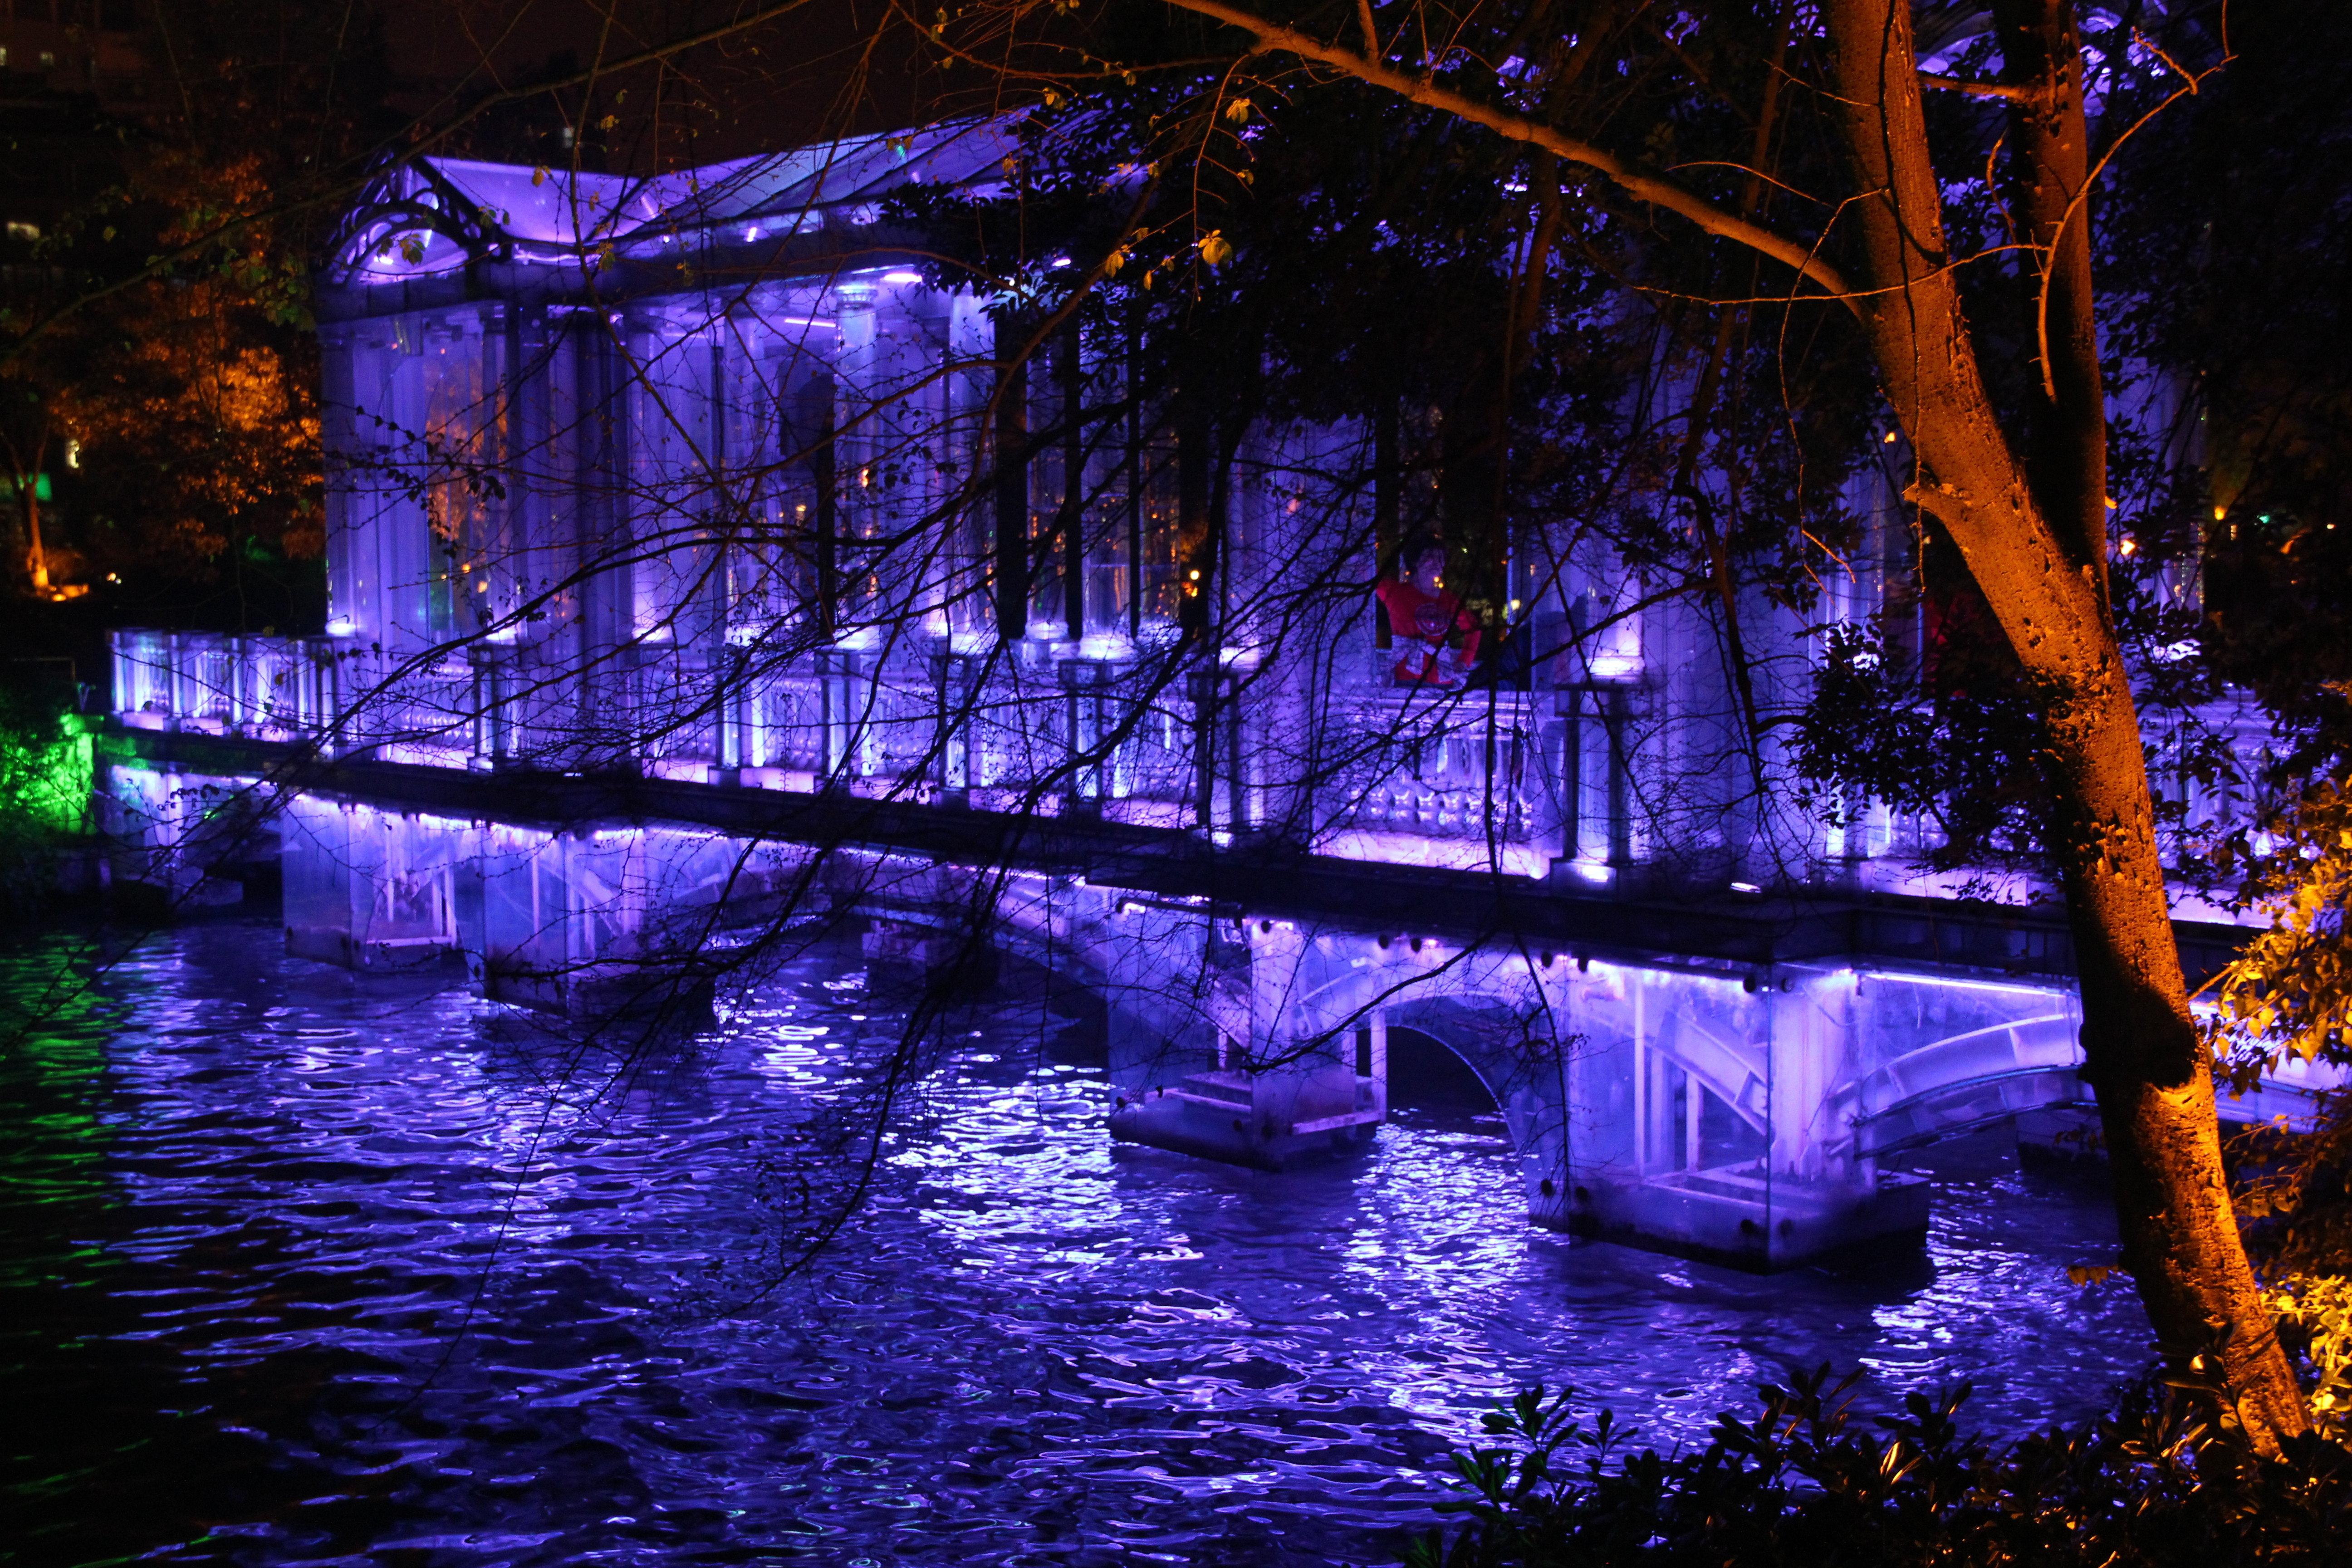 夜游就是看桂林的n多桥,这个比较特别是纯玻璃图片